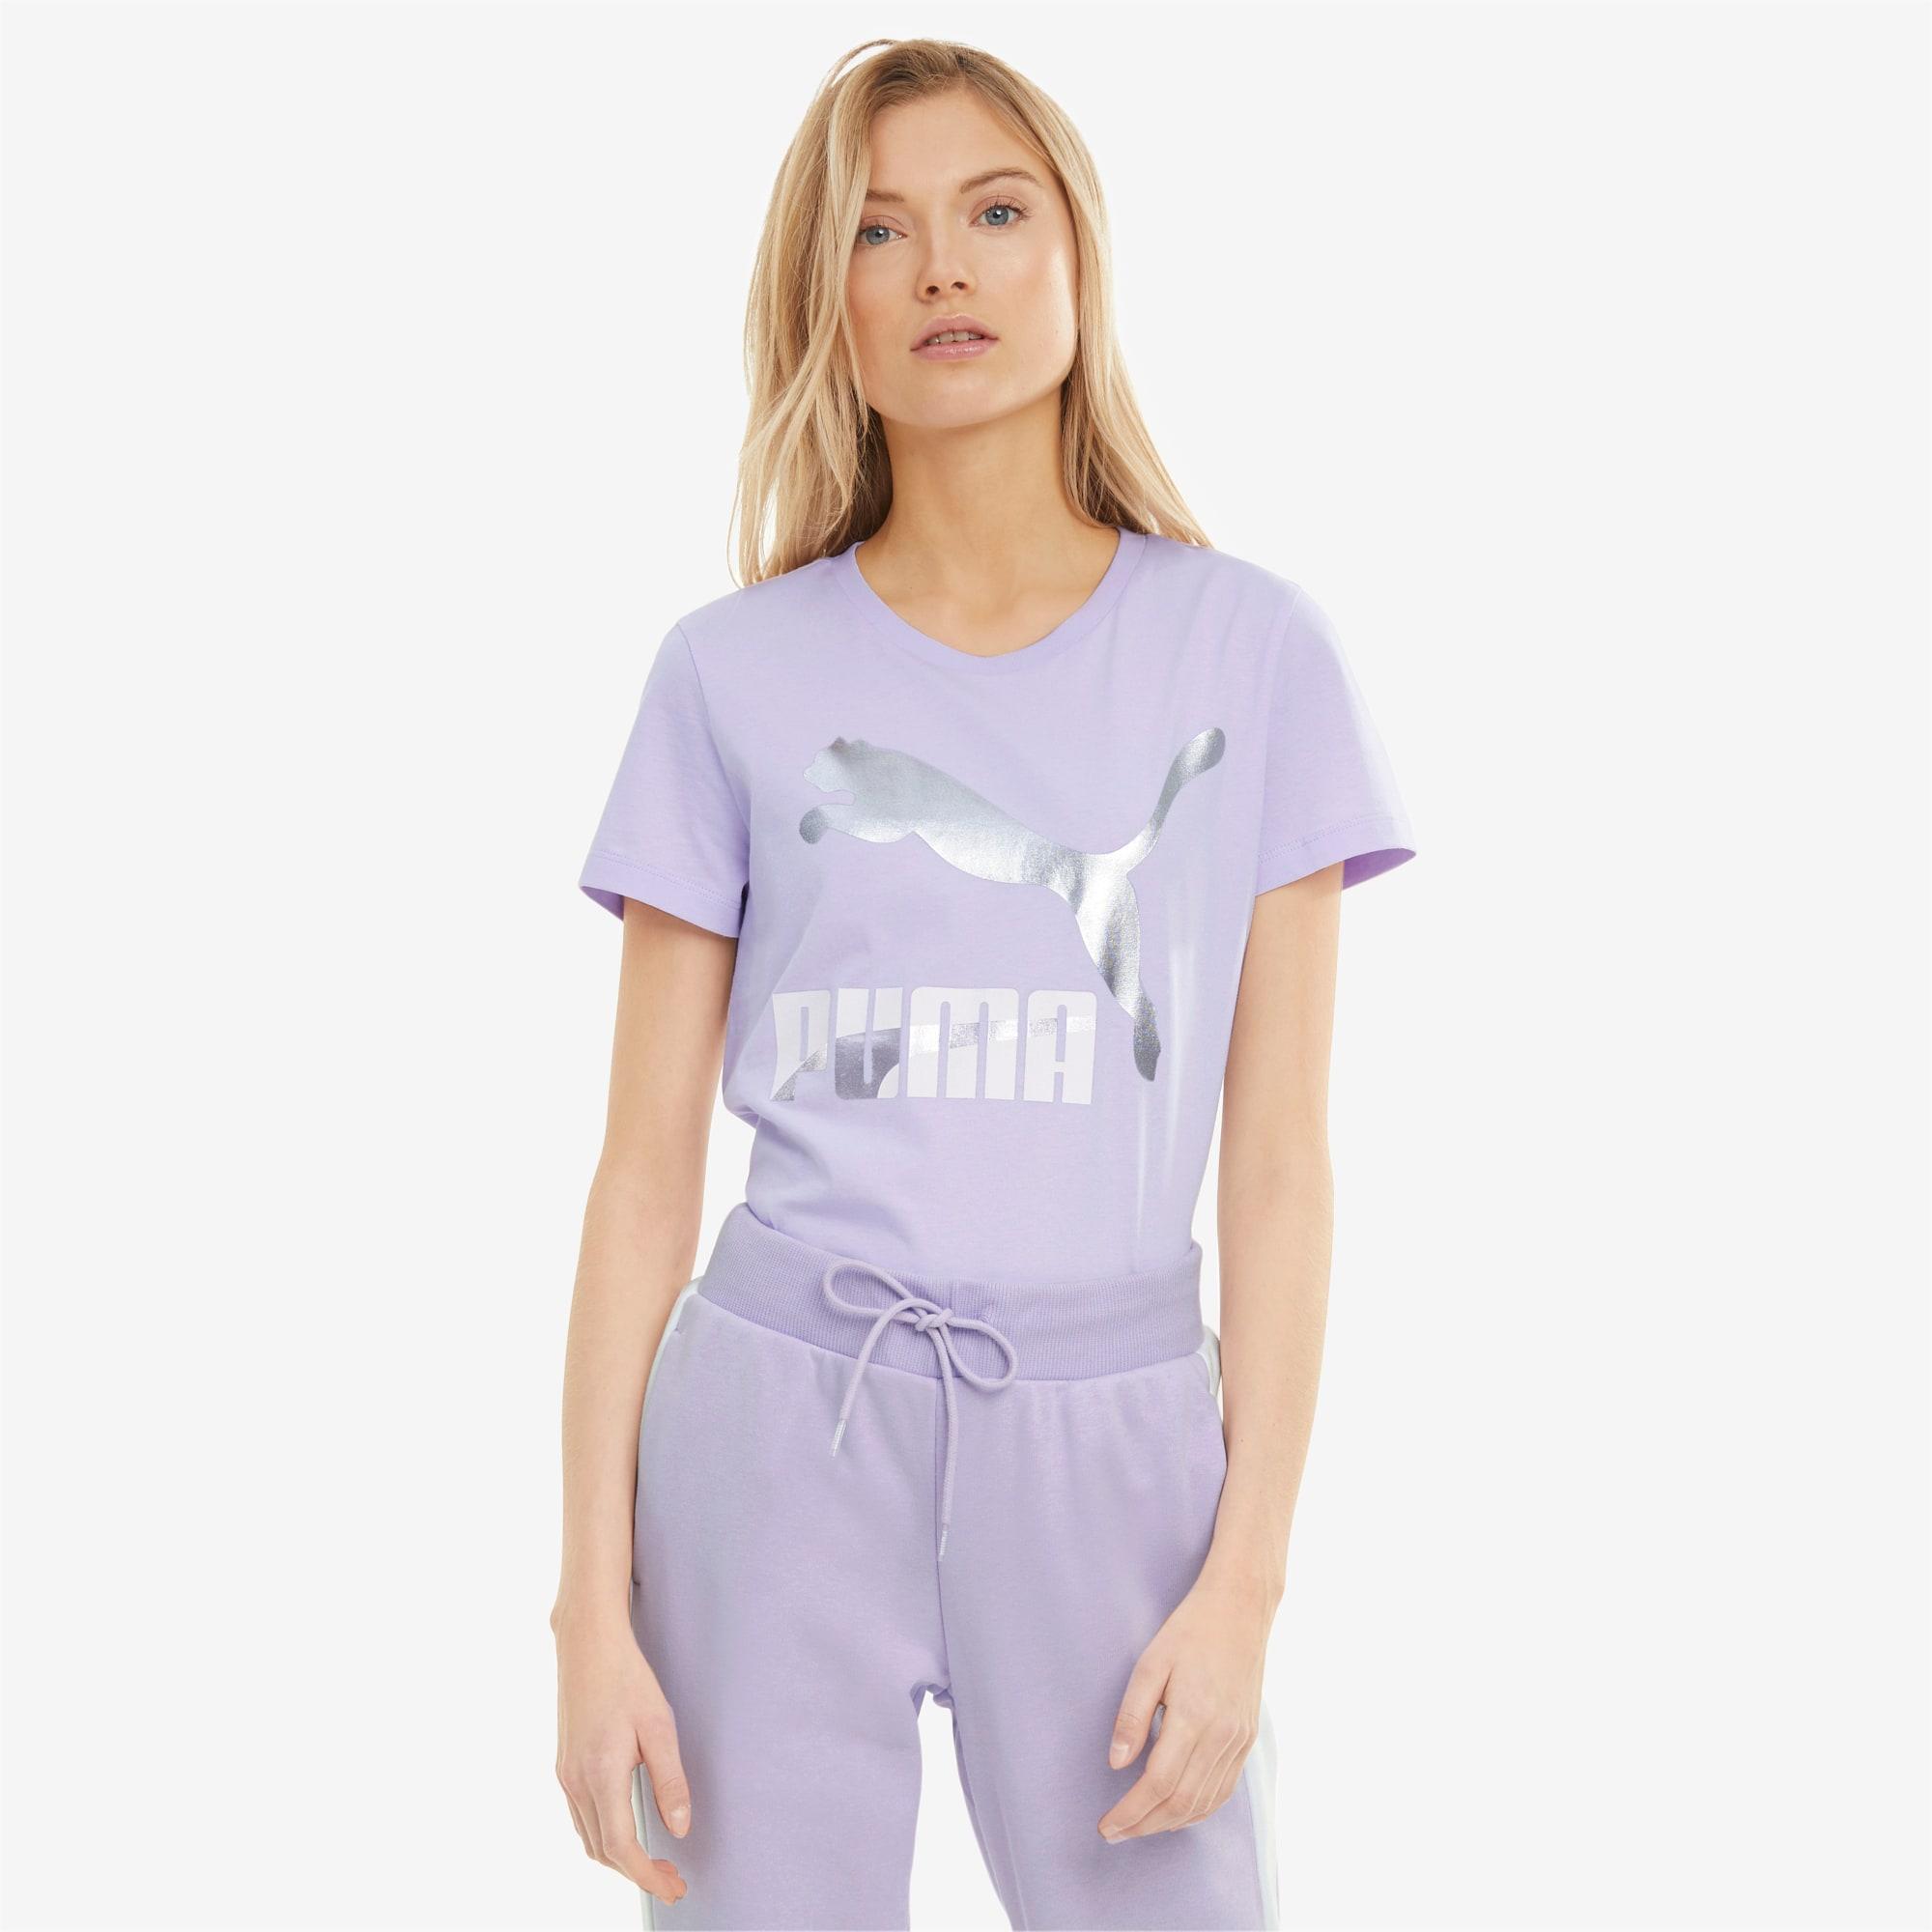 Classics T-shirt met logo dames, Maat XS | PUMA